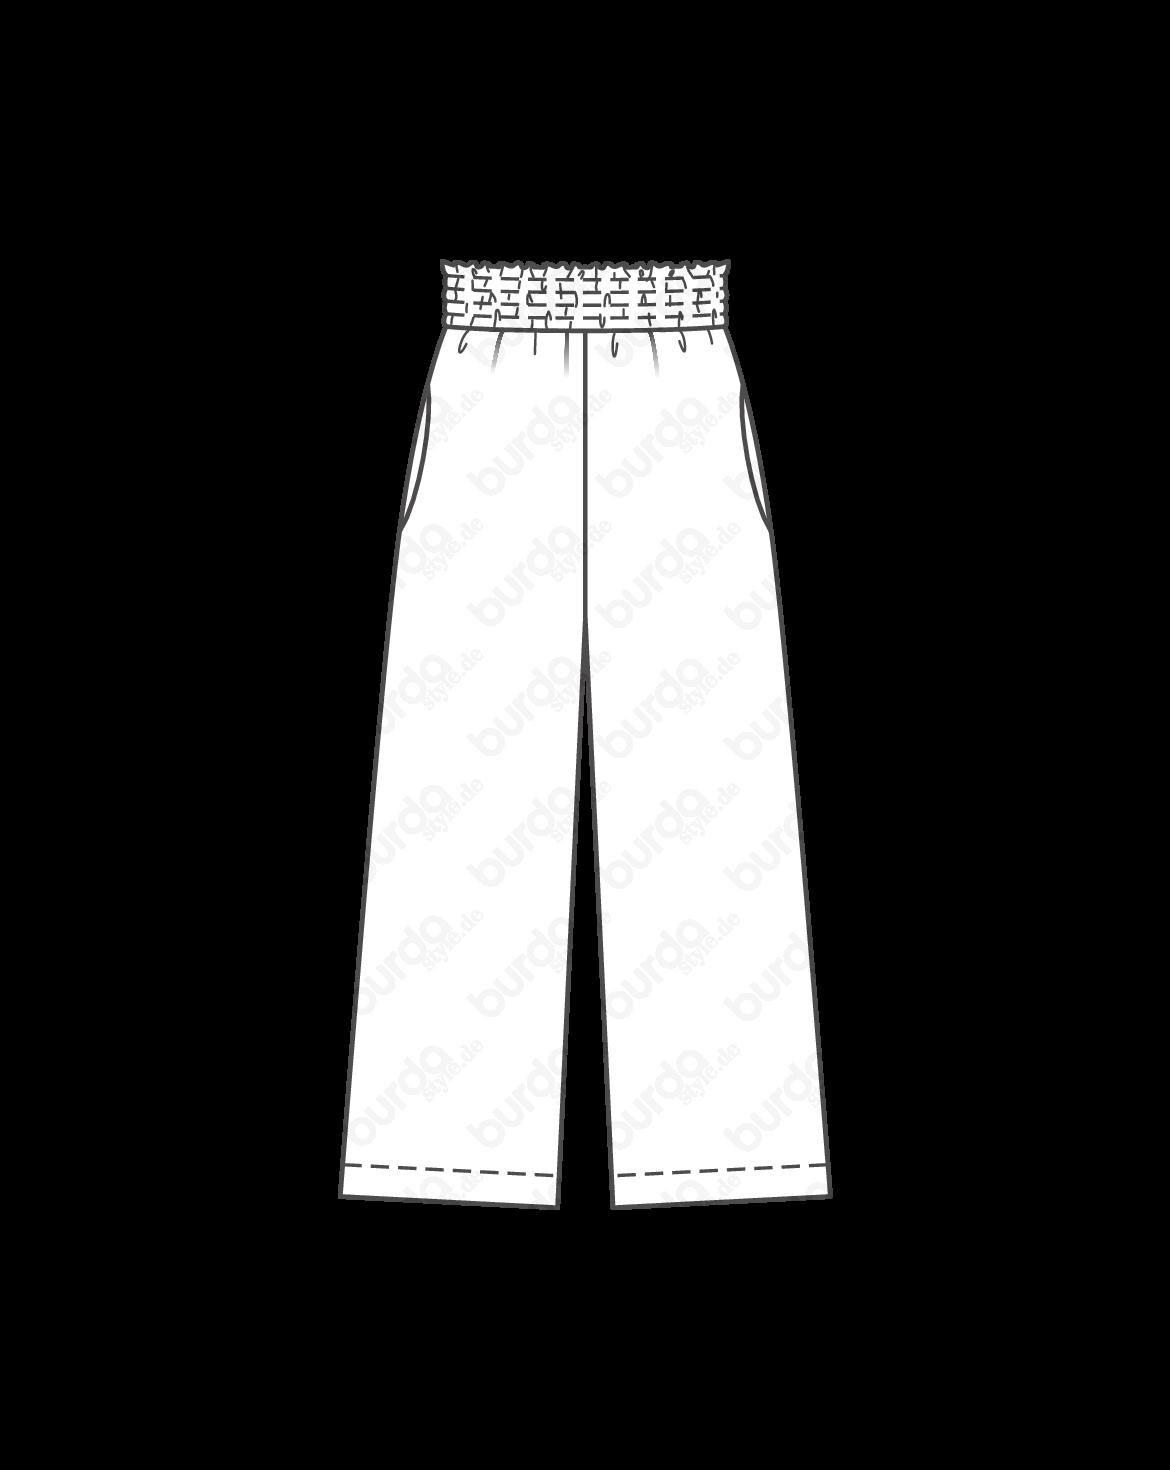 Weite Hose 06 2019 116 Schnittmuster Damen Mode Zum Selbernähen Weite Hosen Hosen Weite Hosen Damen